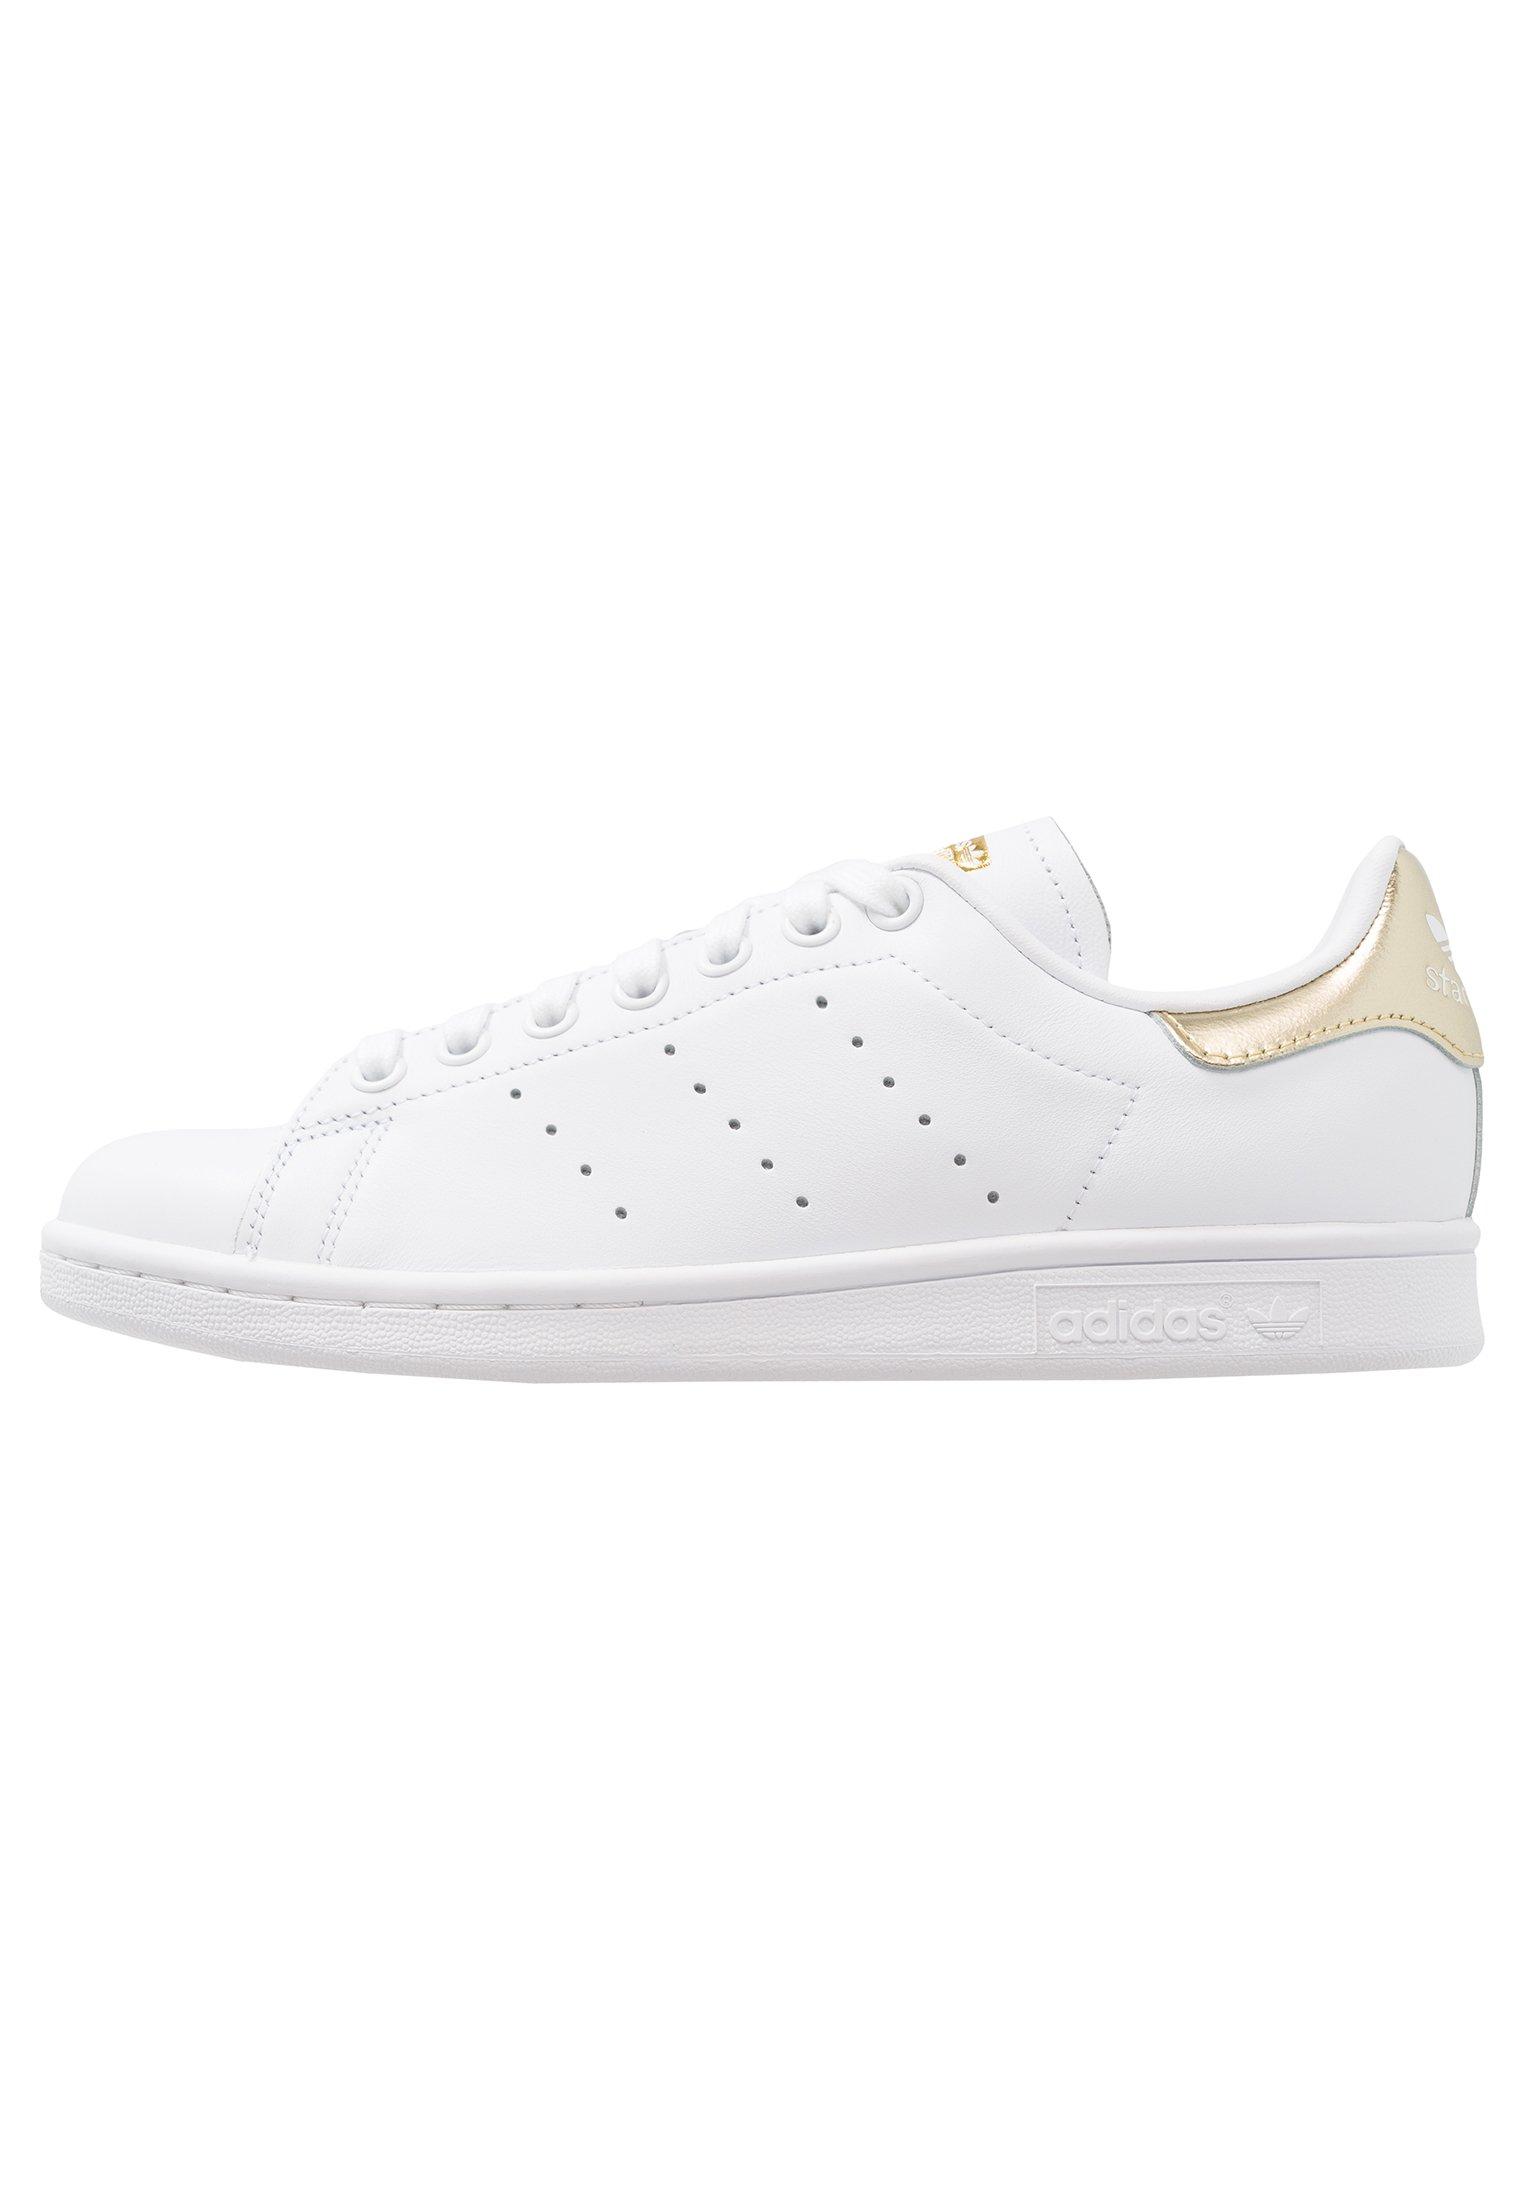 Adidas Originals Stan Smith - Sneaker Low Footwear White/gold Metallic/weiß